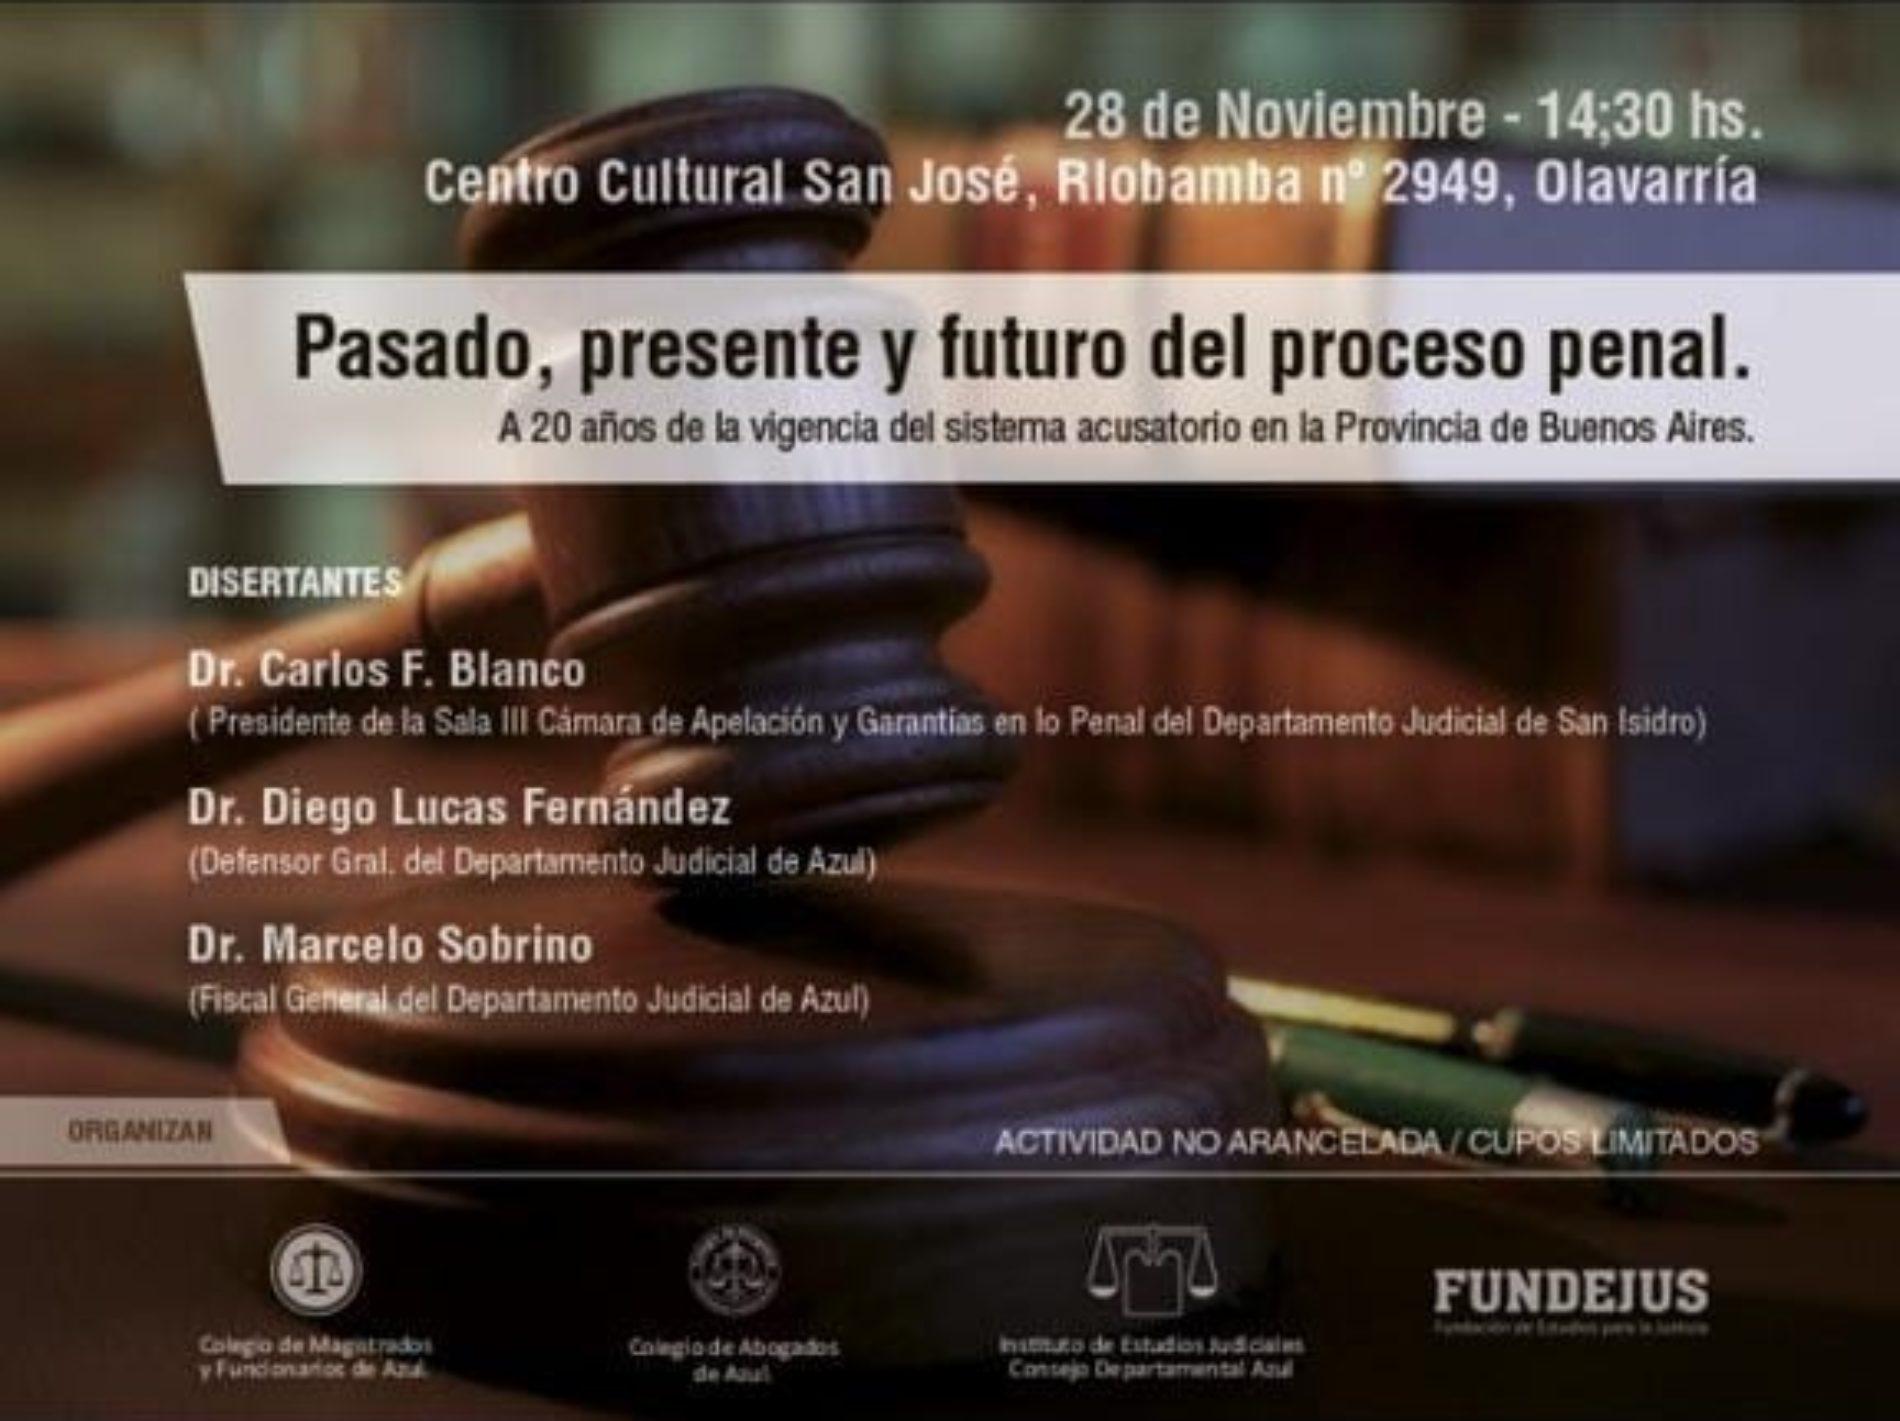 «PASADO, PRESENTE Y FUTURO DEL PROCESO PENAL».  A 20 años de la vigencia del sistema acusatorio en la Provincia de Buenos Aires.